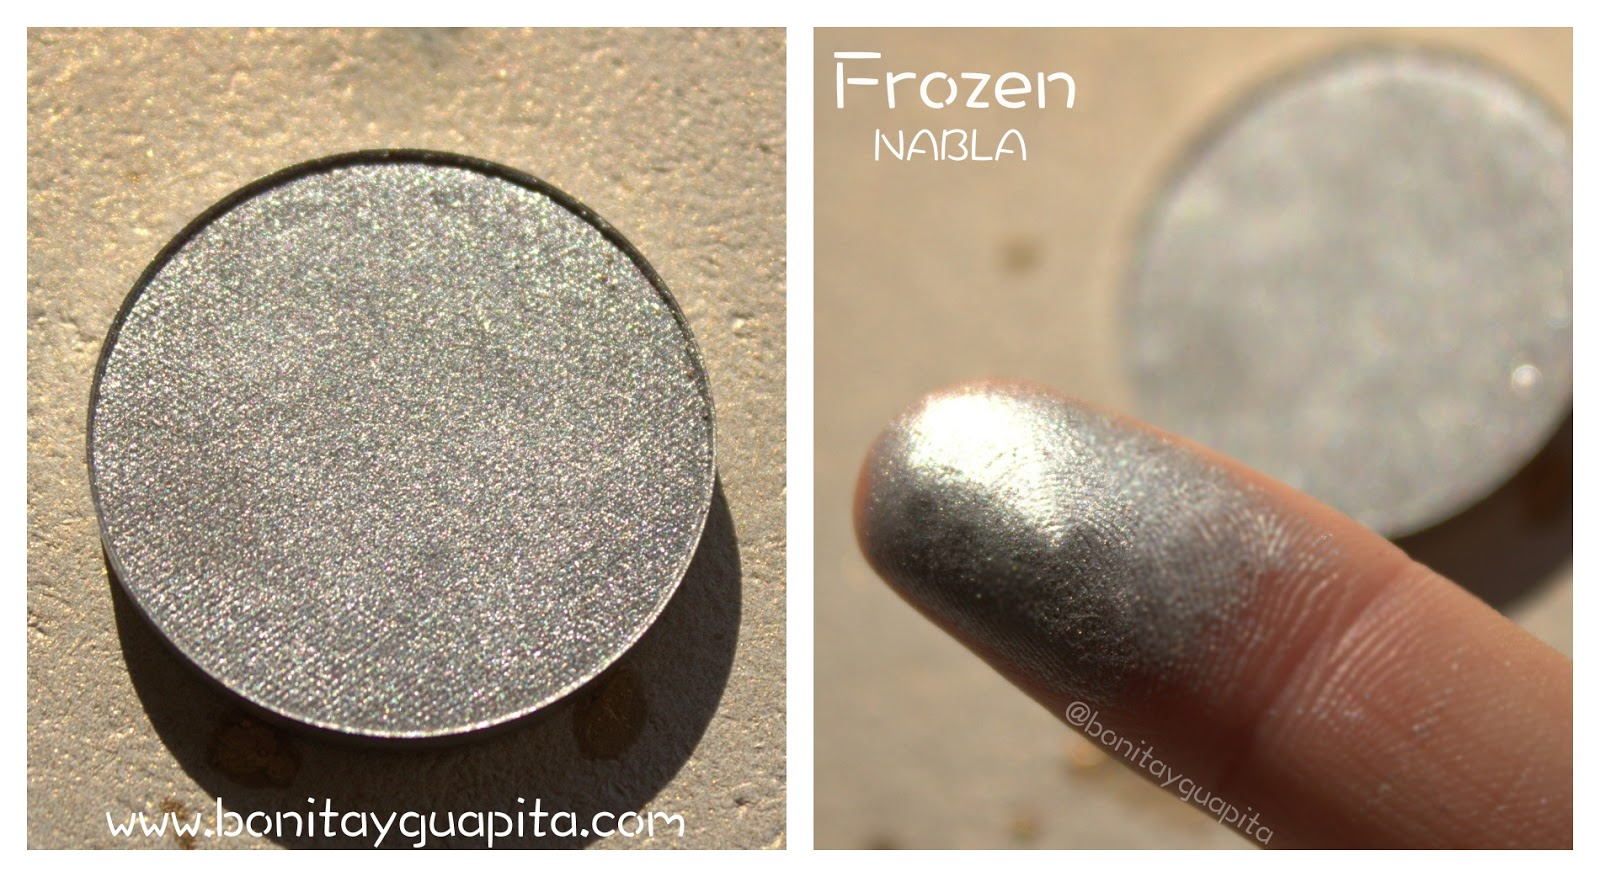 frozen nabla